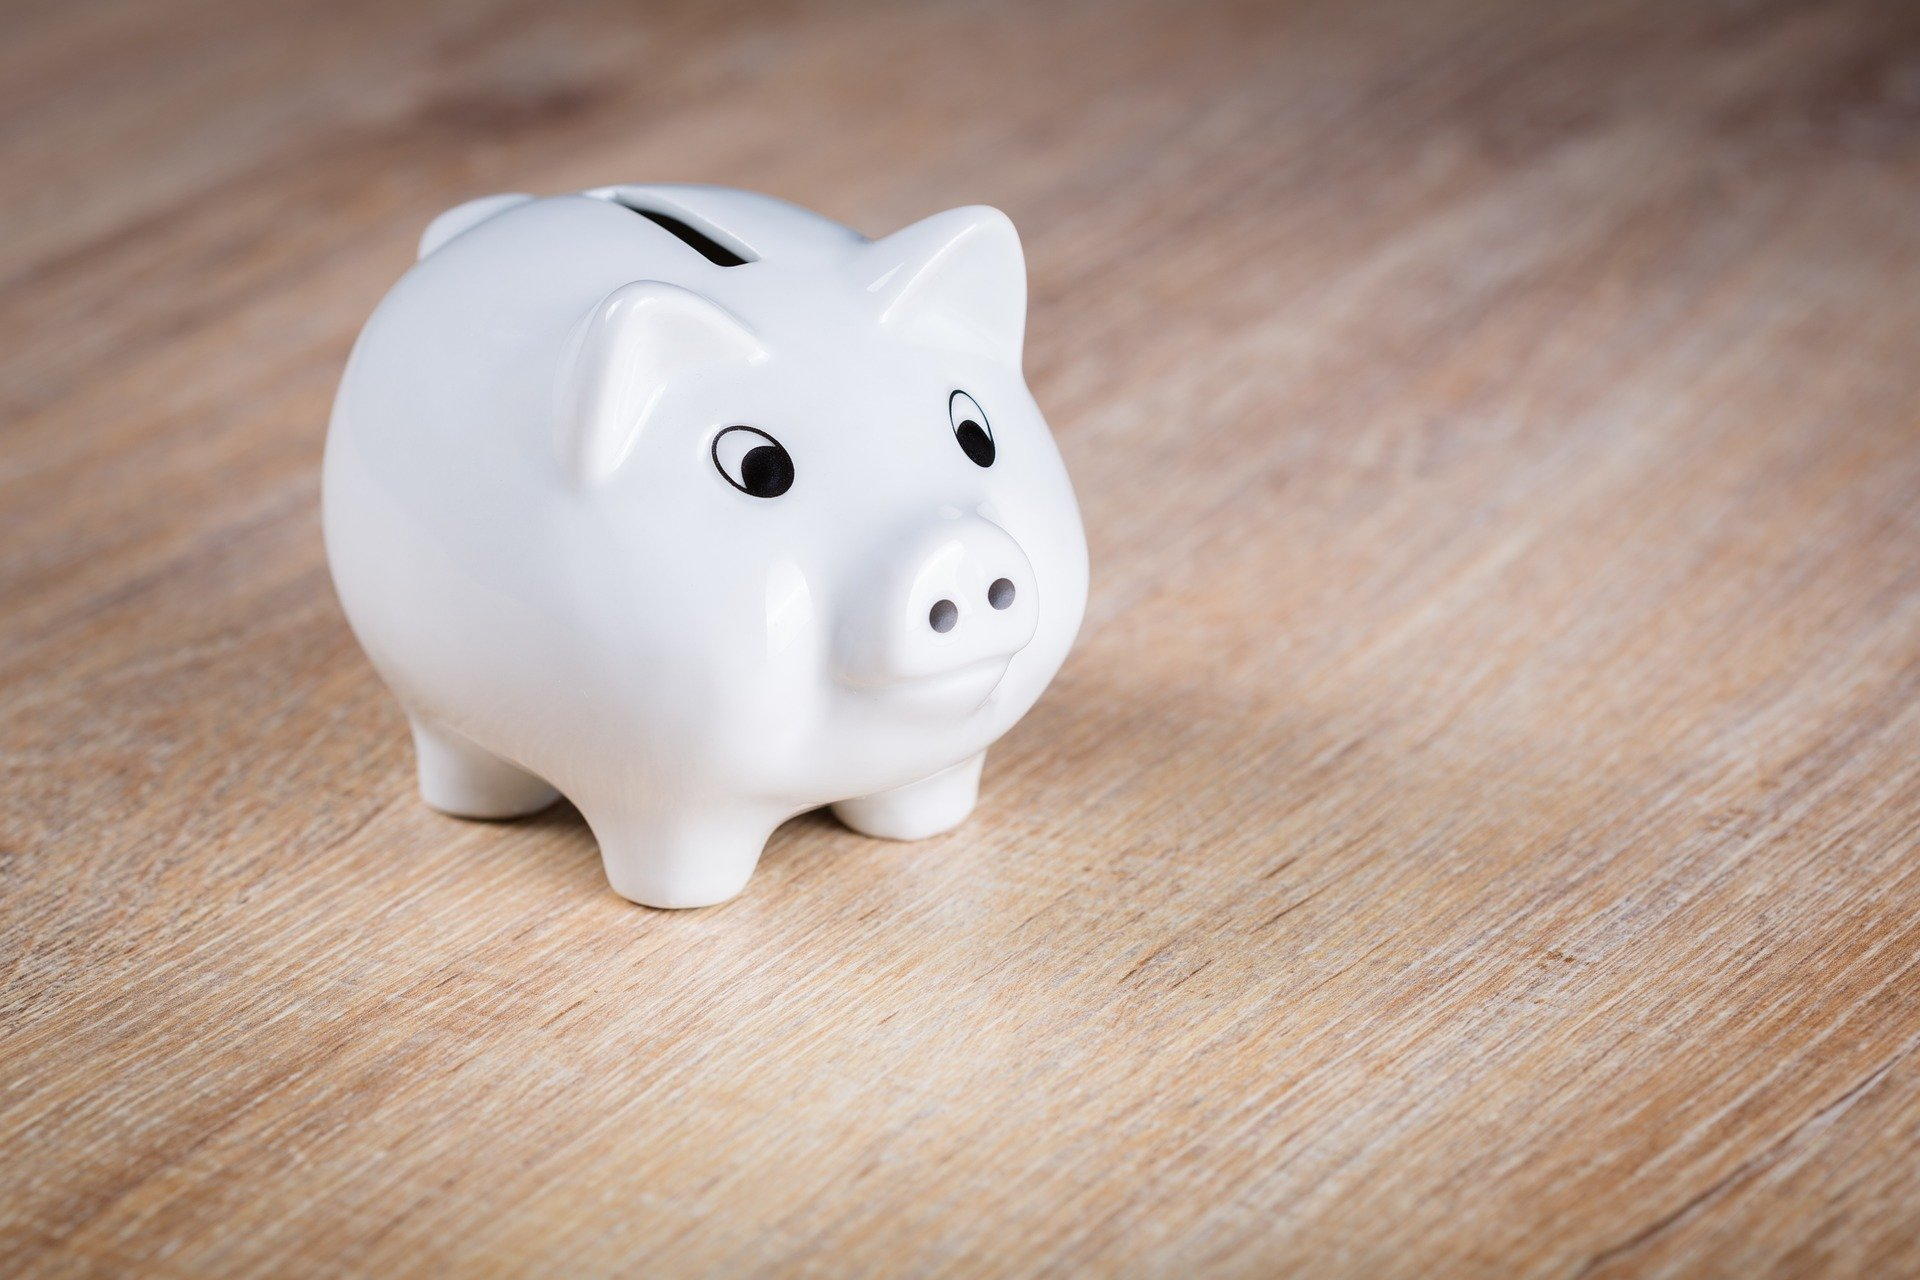 Riscaldamento A Pavimento Consumi riscaldamento a pavimento: costi bolletta, consumi e vantaggi